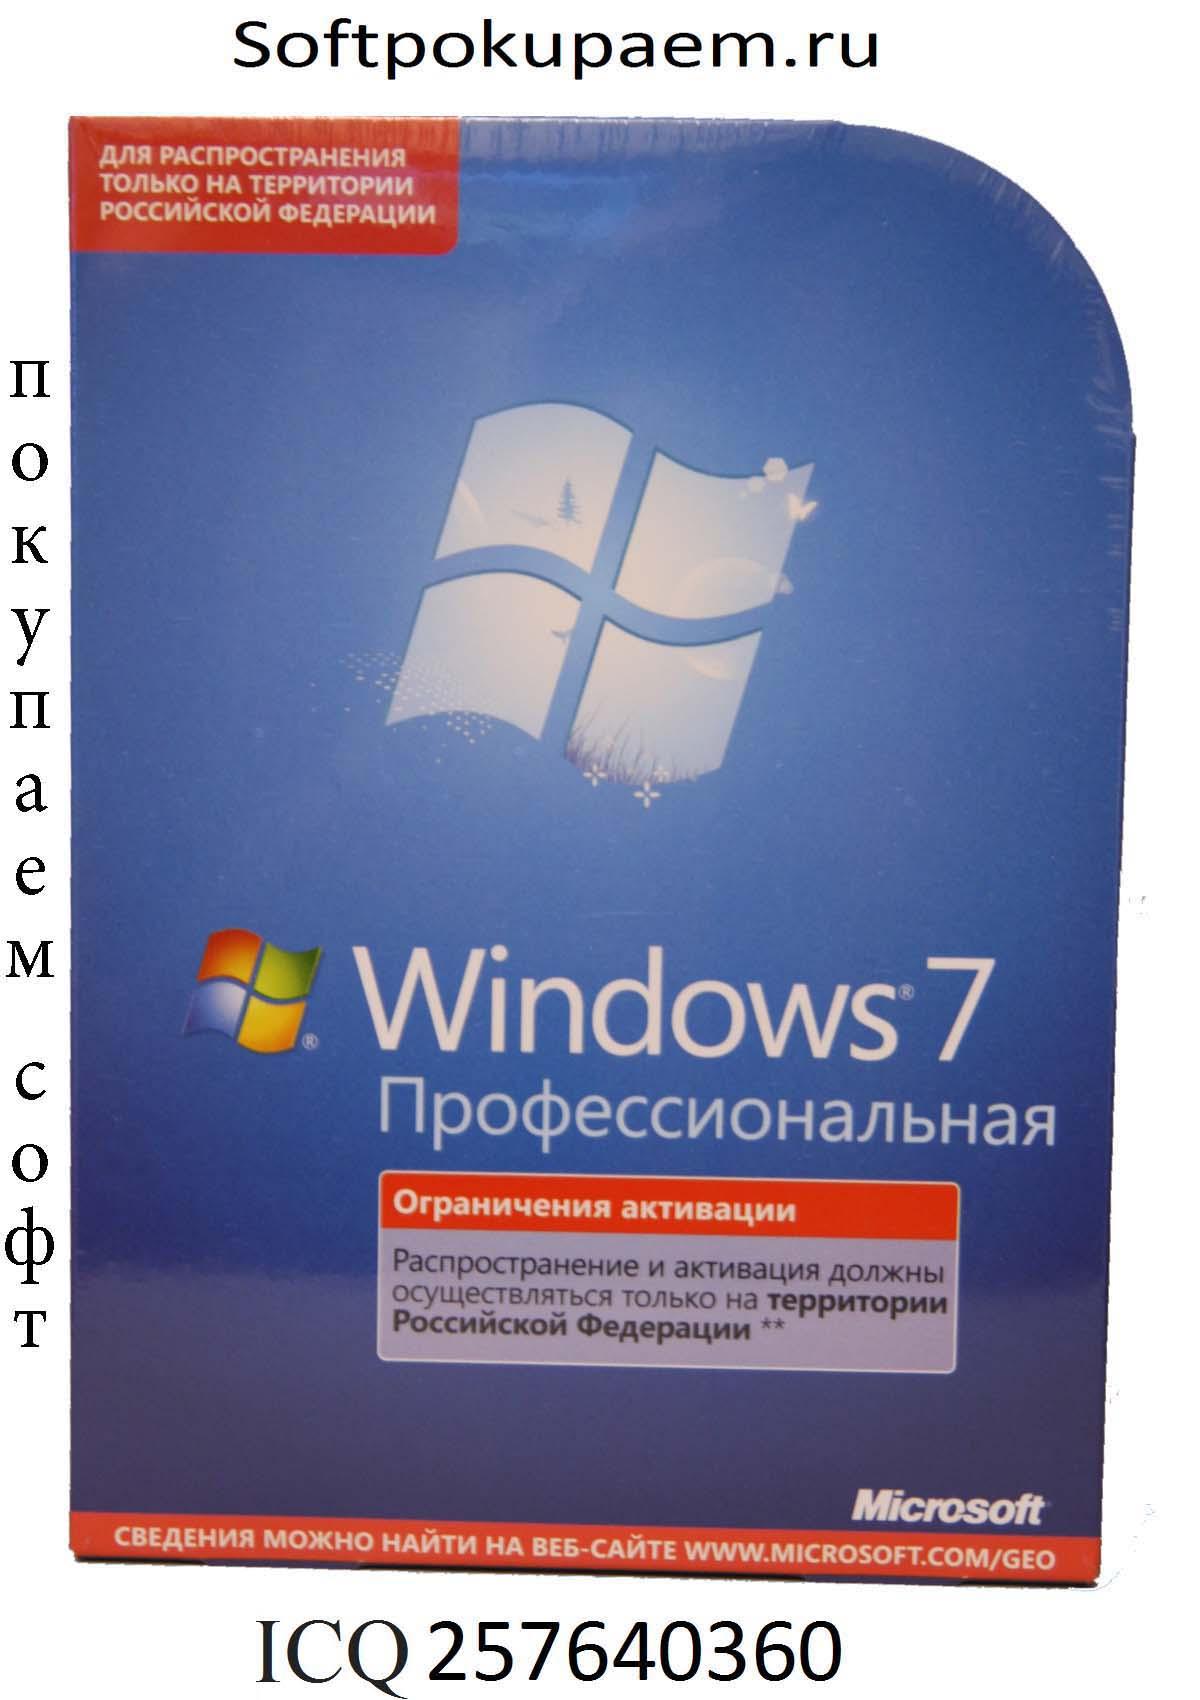 Покупаем продукцию Microsoft максимально дорого